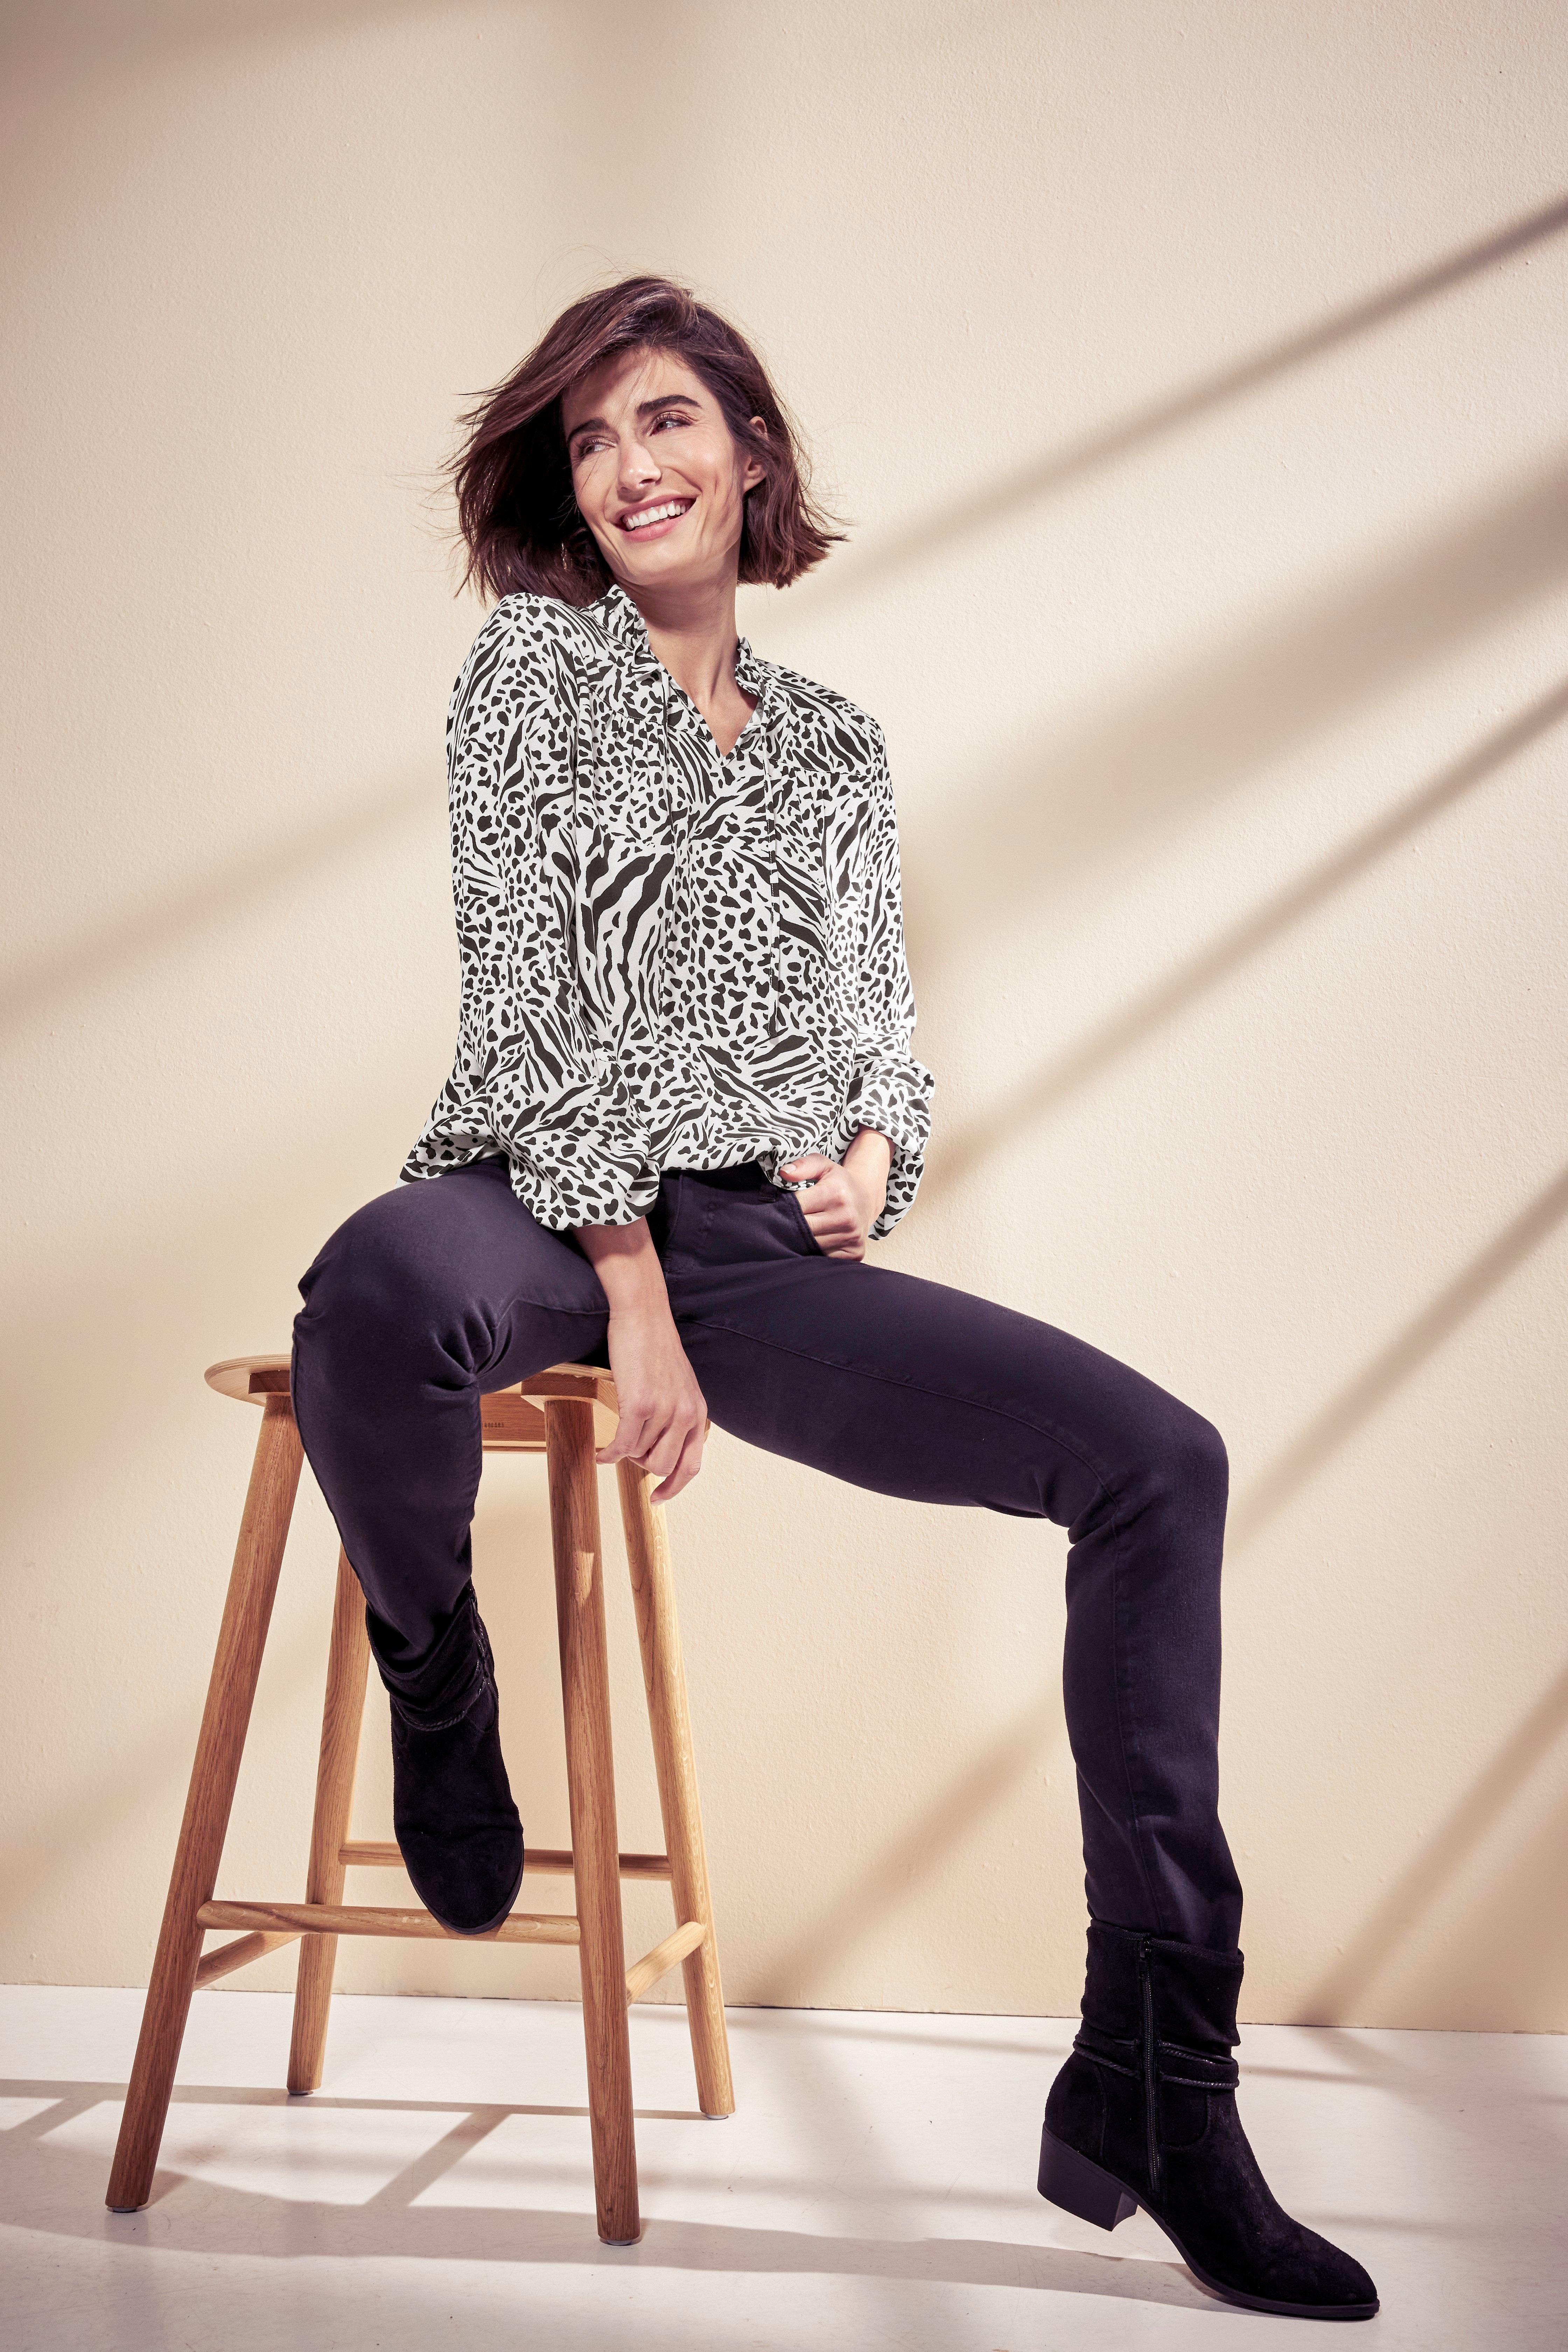 OTTO products blouse zonder sluiting duurzaam van zachte lenzing™ ecovero™-viscose nu online kopen bij OTTO